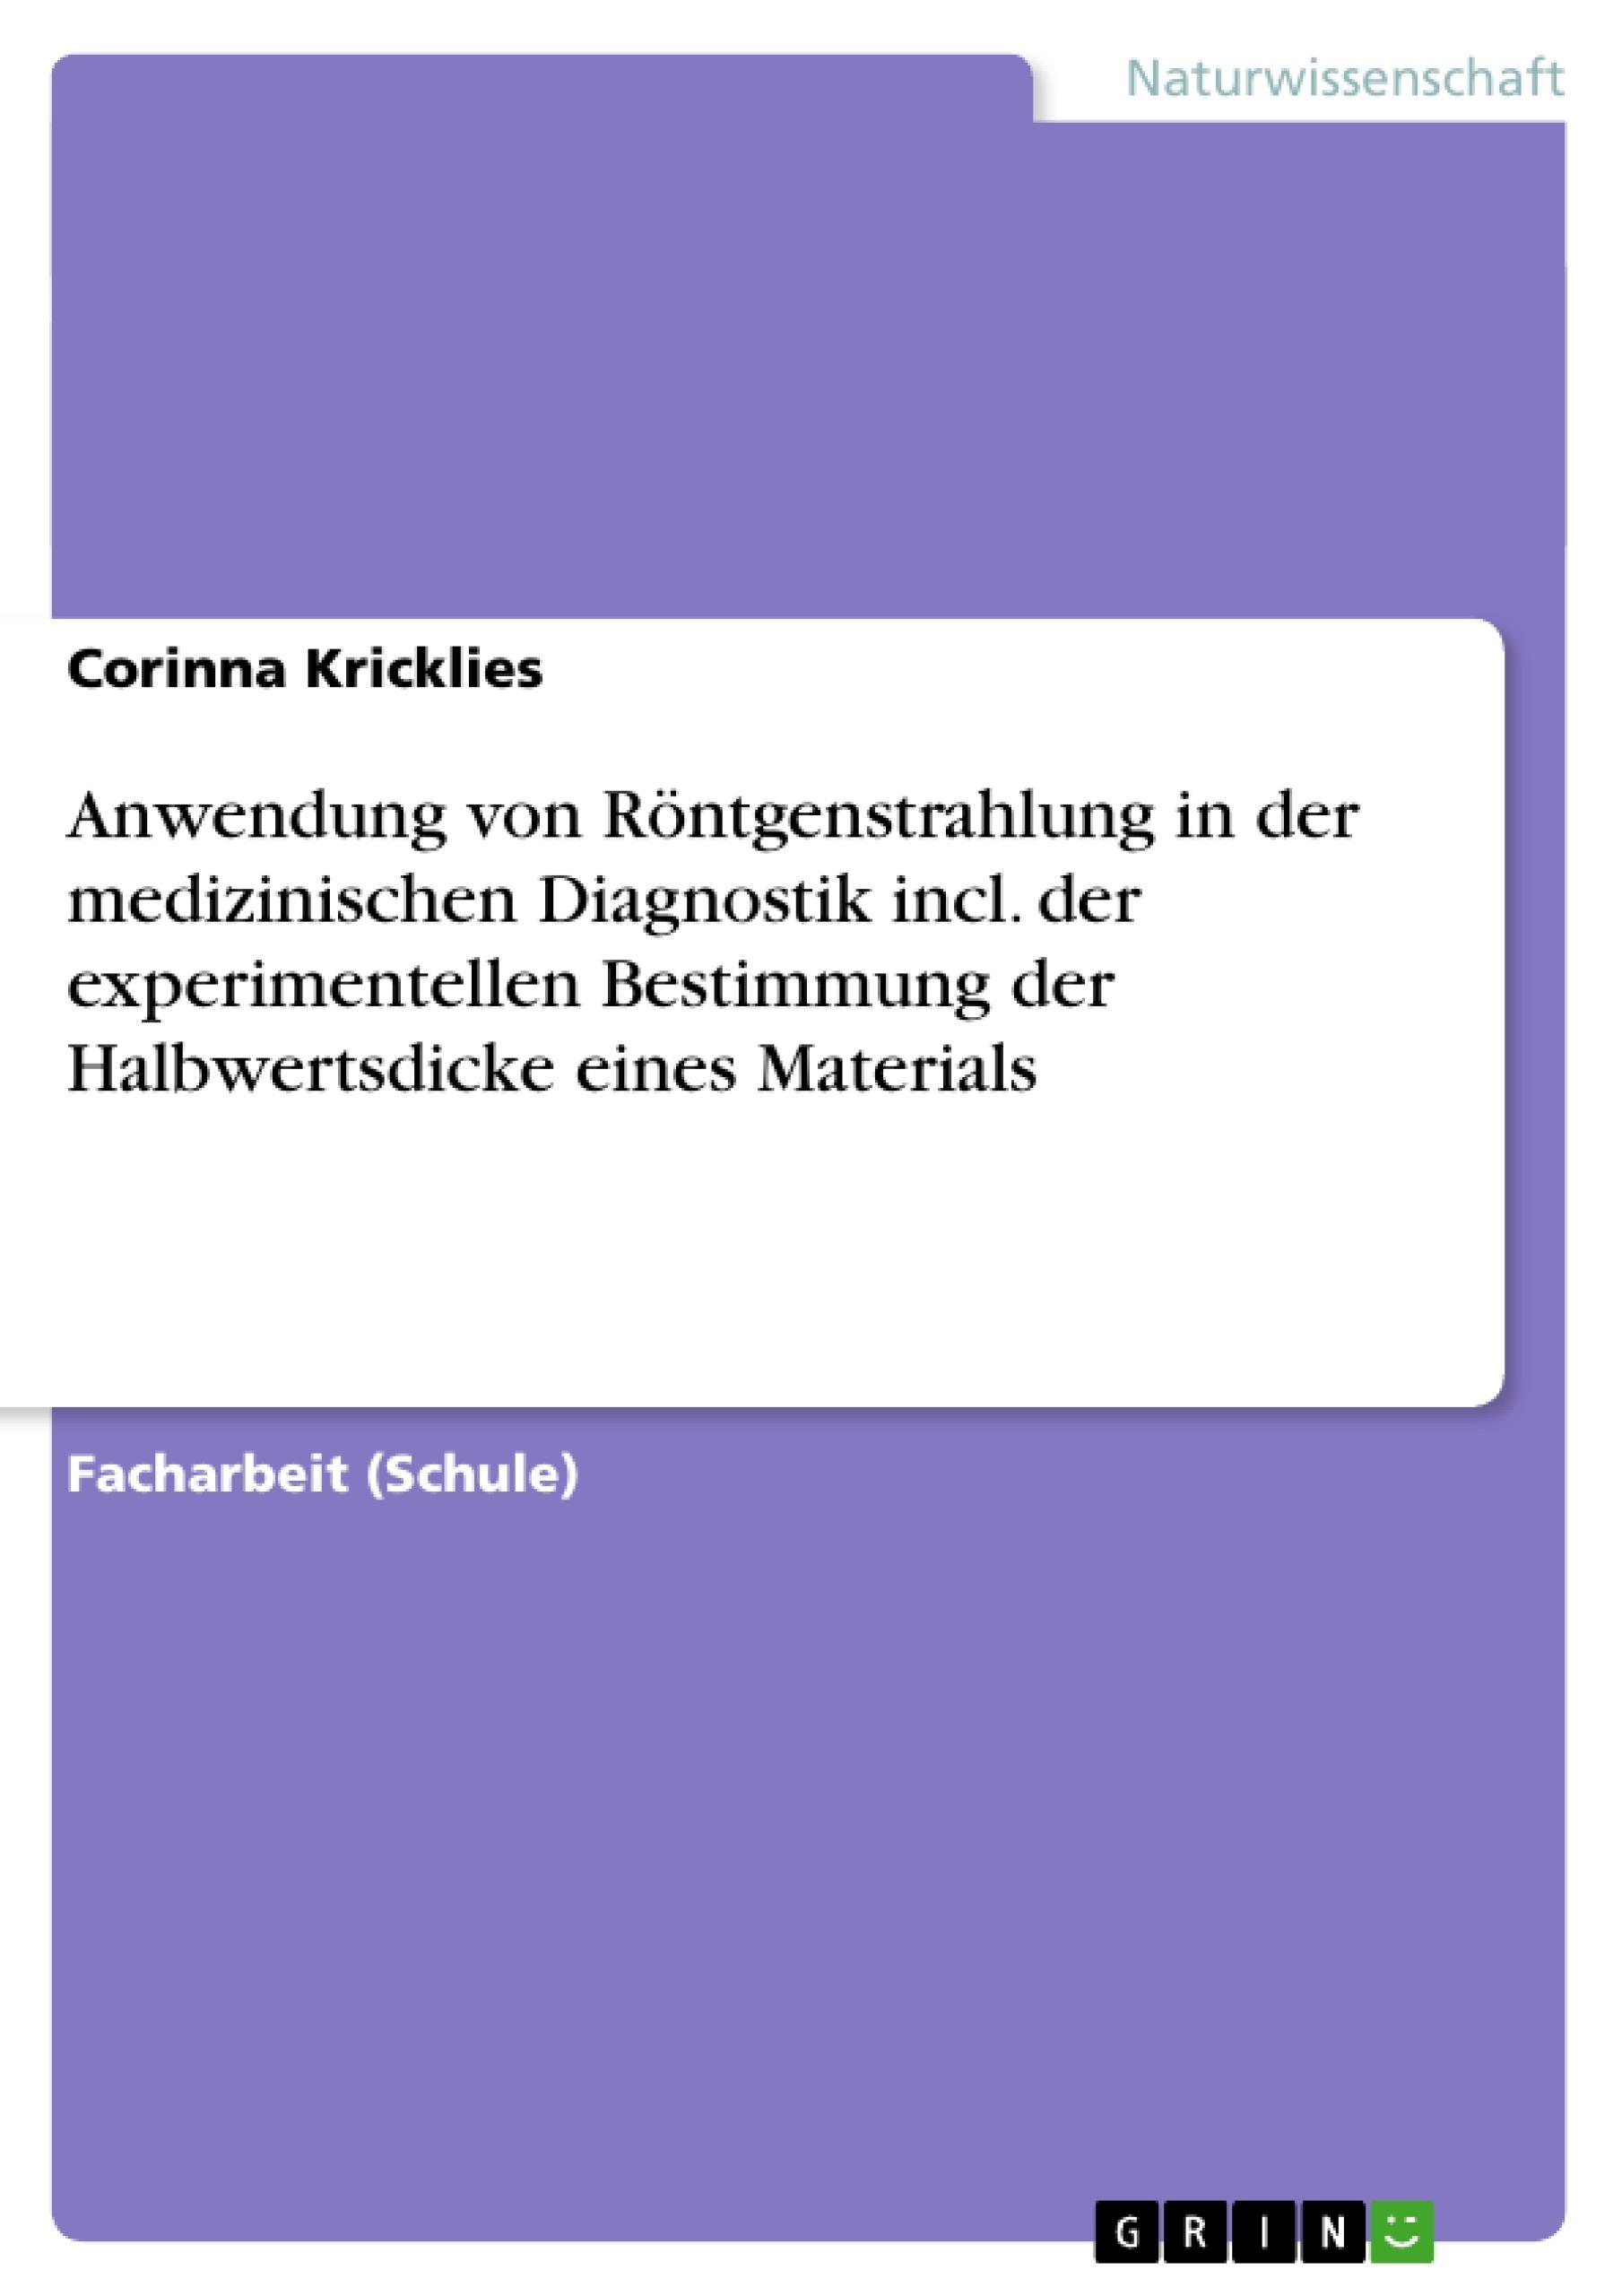 Titel: Anwendung von Röntgenstrahlung in der medizinischen Diagnostik incl. der experimentellen Bestimmung der Halbwertsdicke eines Materials